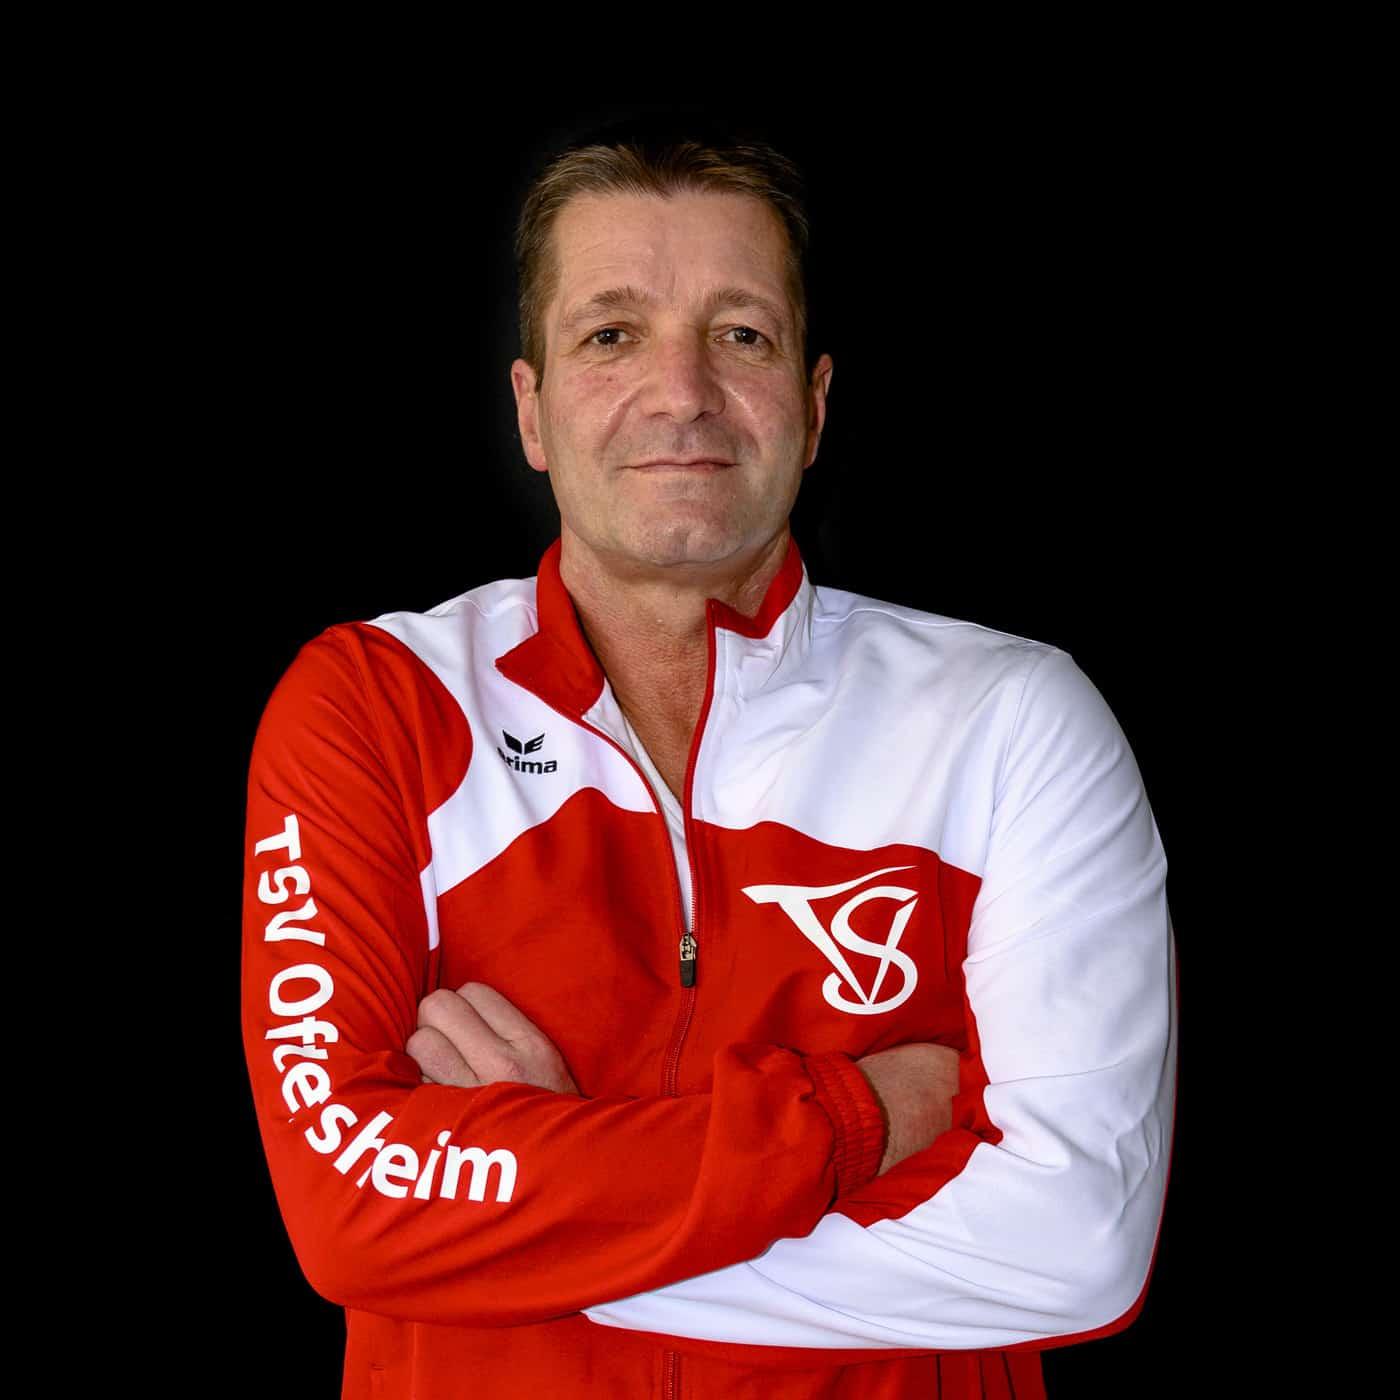 Stefan Lauff